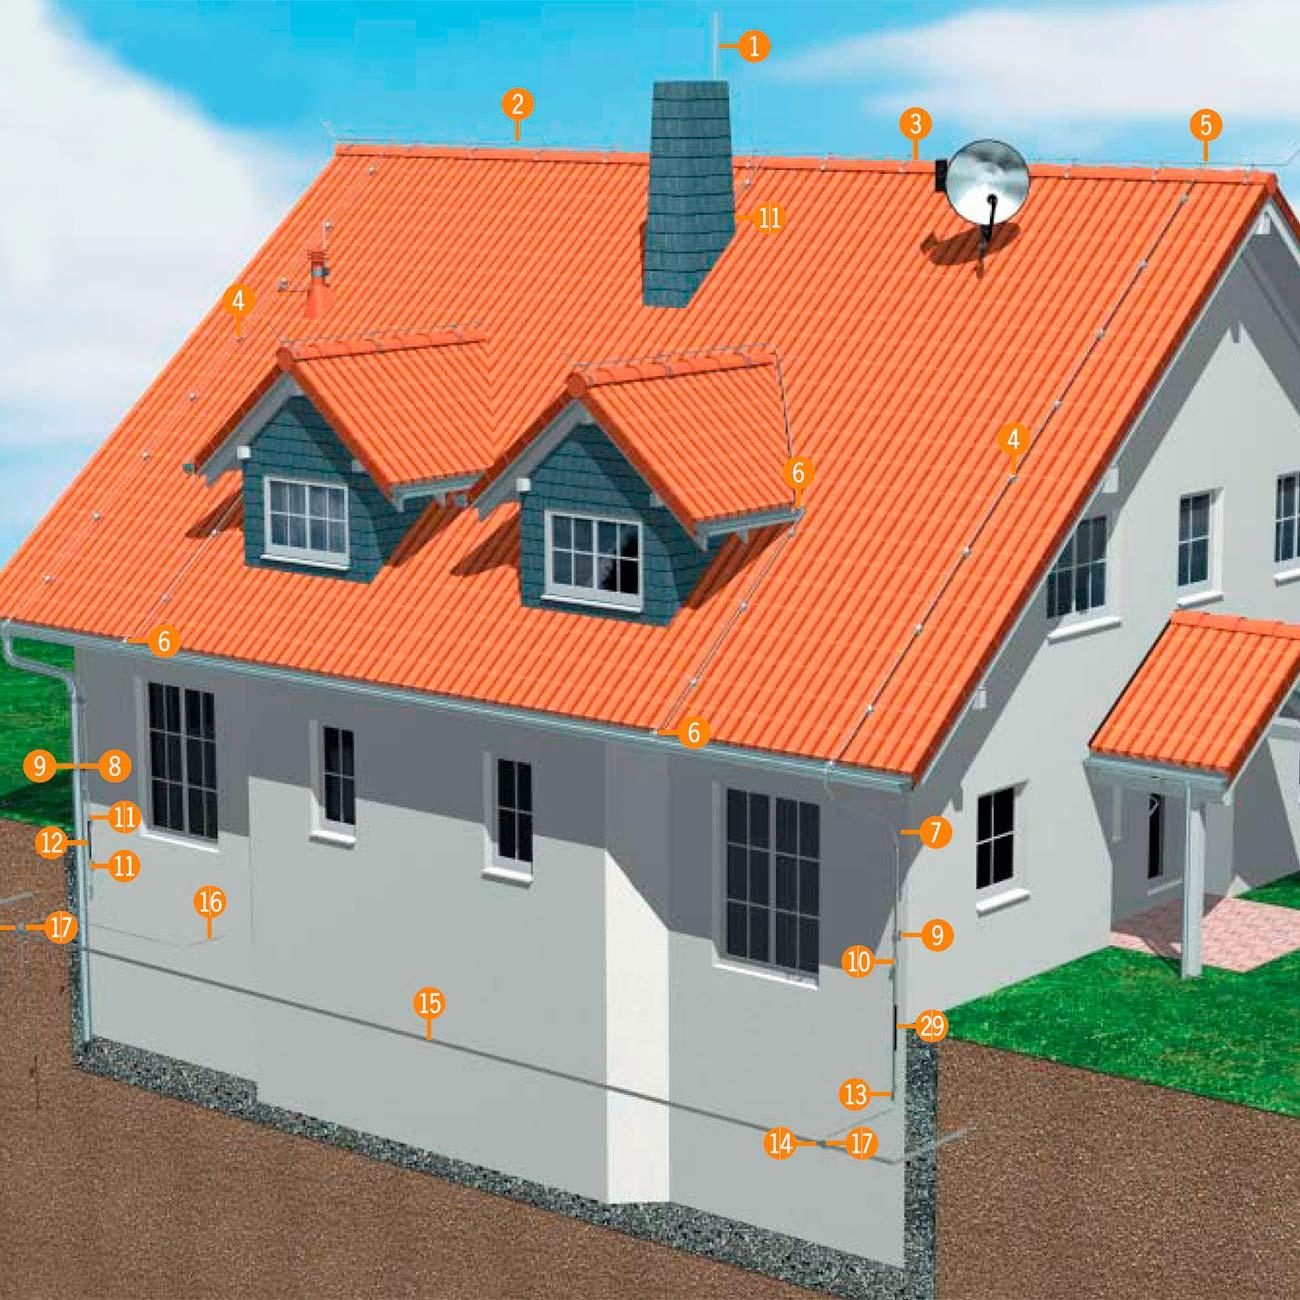 Молниезащита дома, молниезащита коттеджа, проект молниезащиты